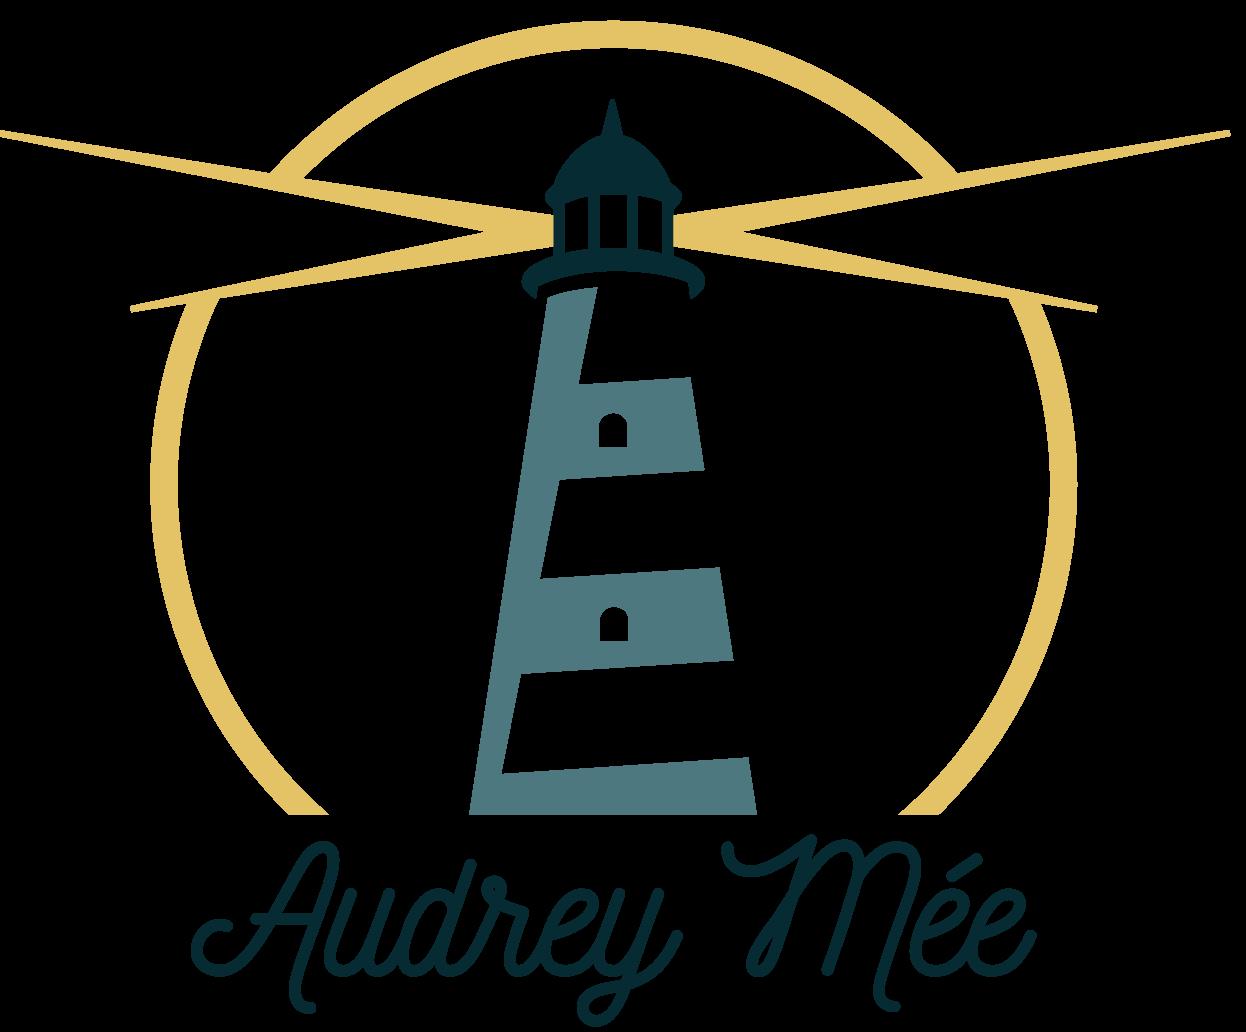 Audrey Mée